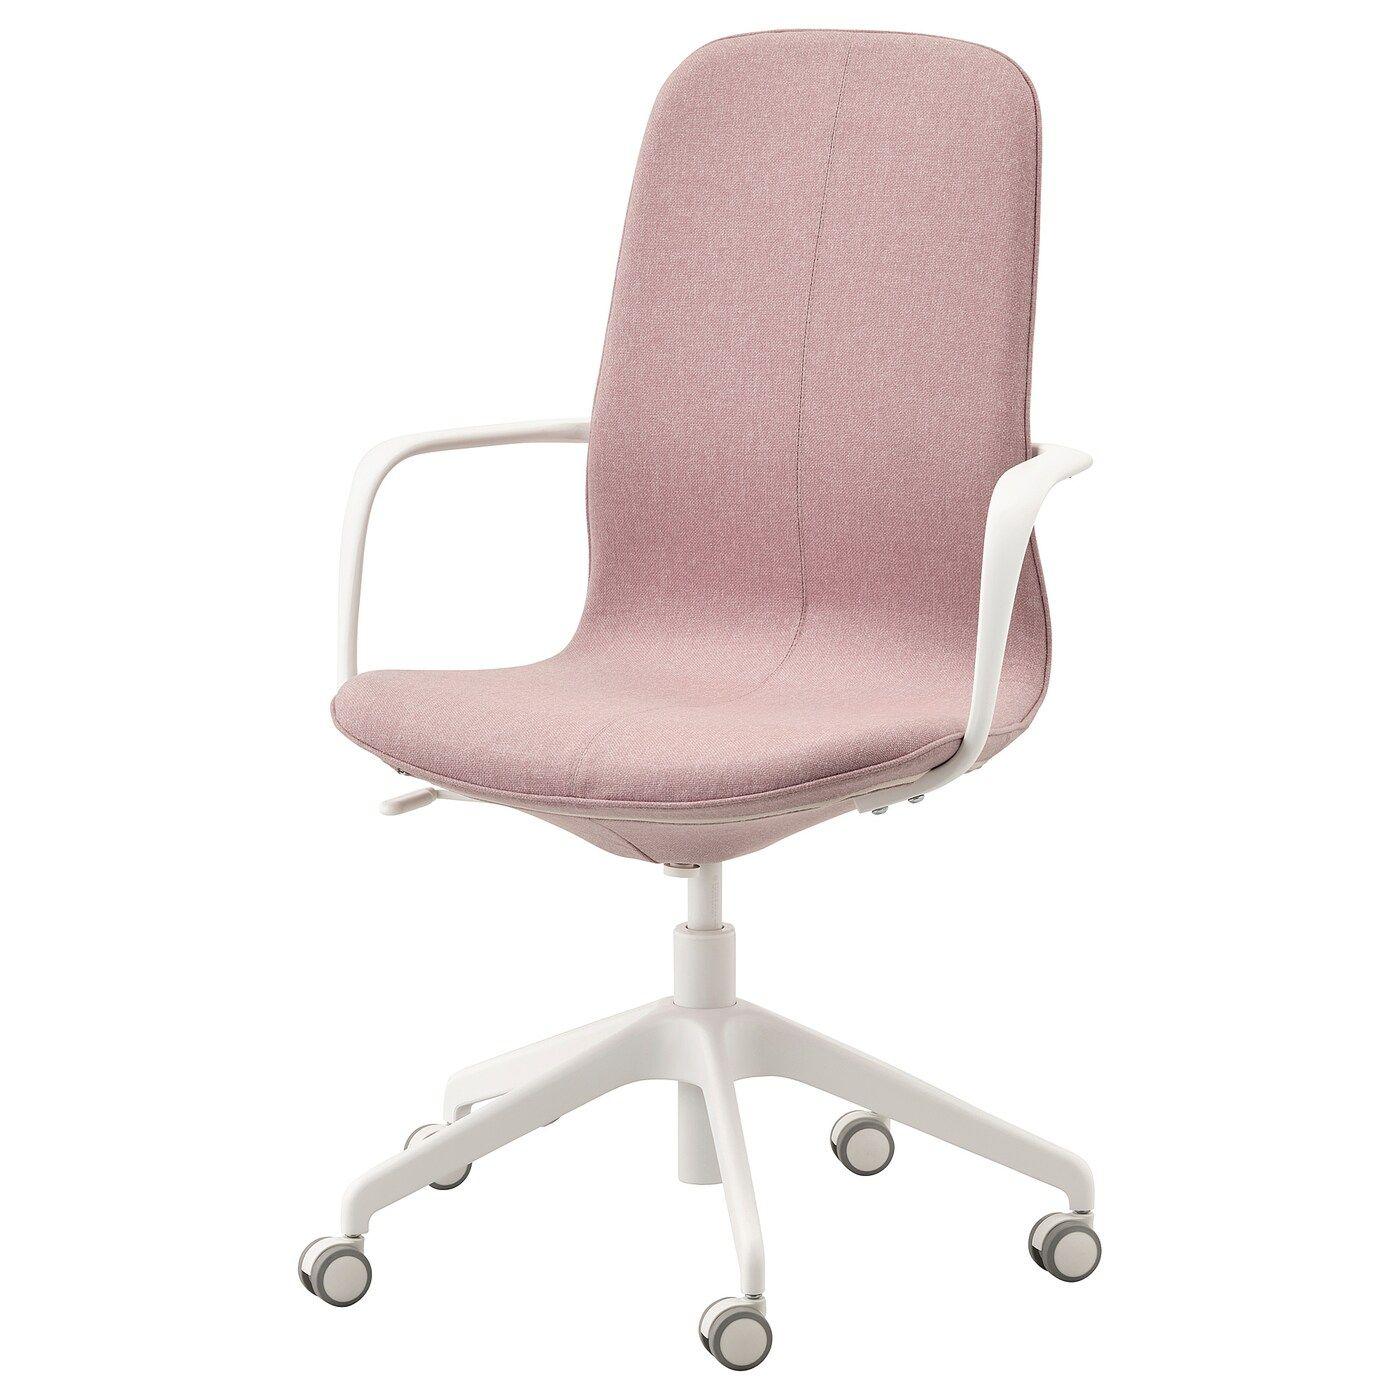 Tendance Pastel Salon Design Rose Poudre Blush Canape Lampadaire Fauteuil En Lin Bobochic En 2020 Canape Rose Chaise De Bureau Fille Mobilier